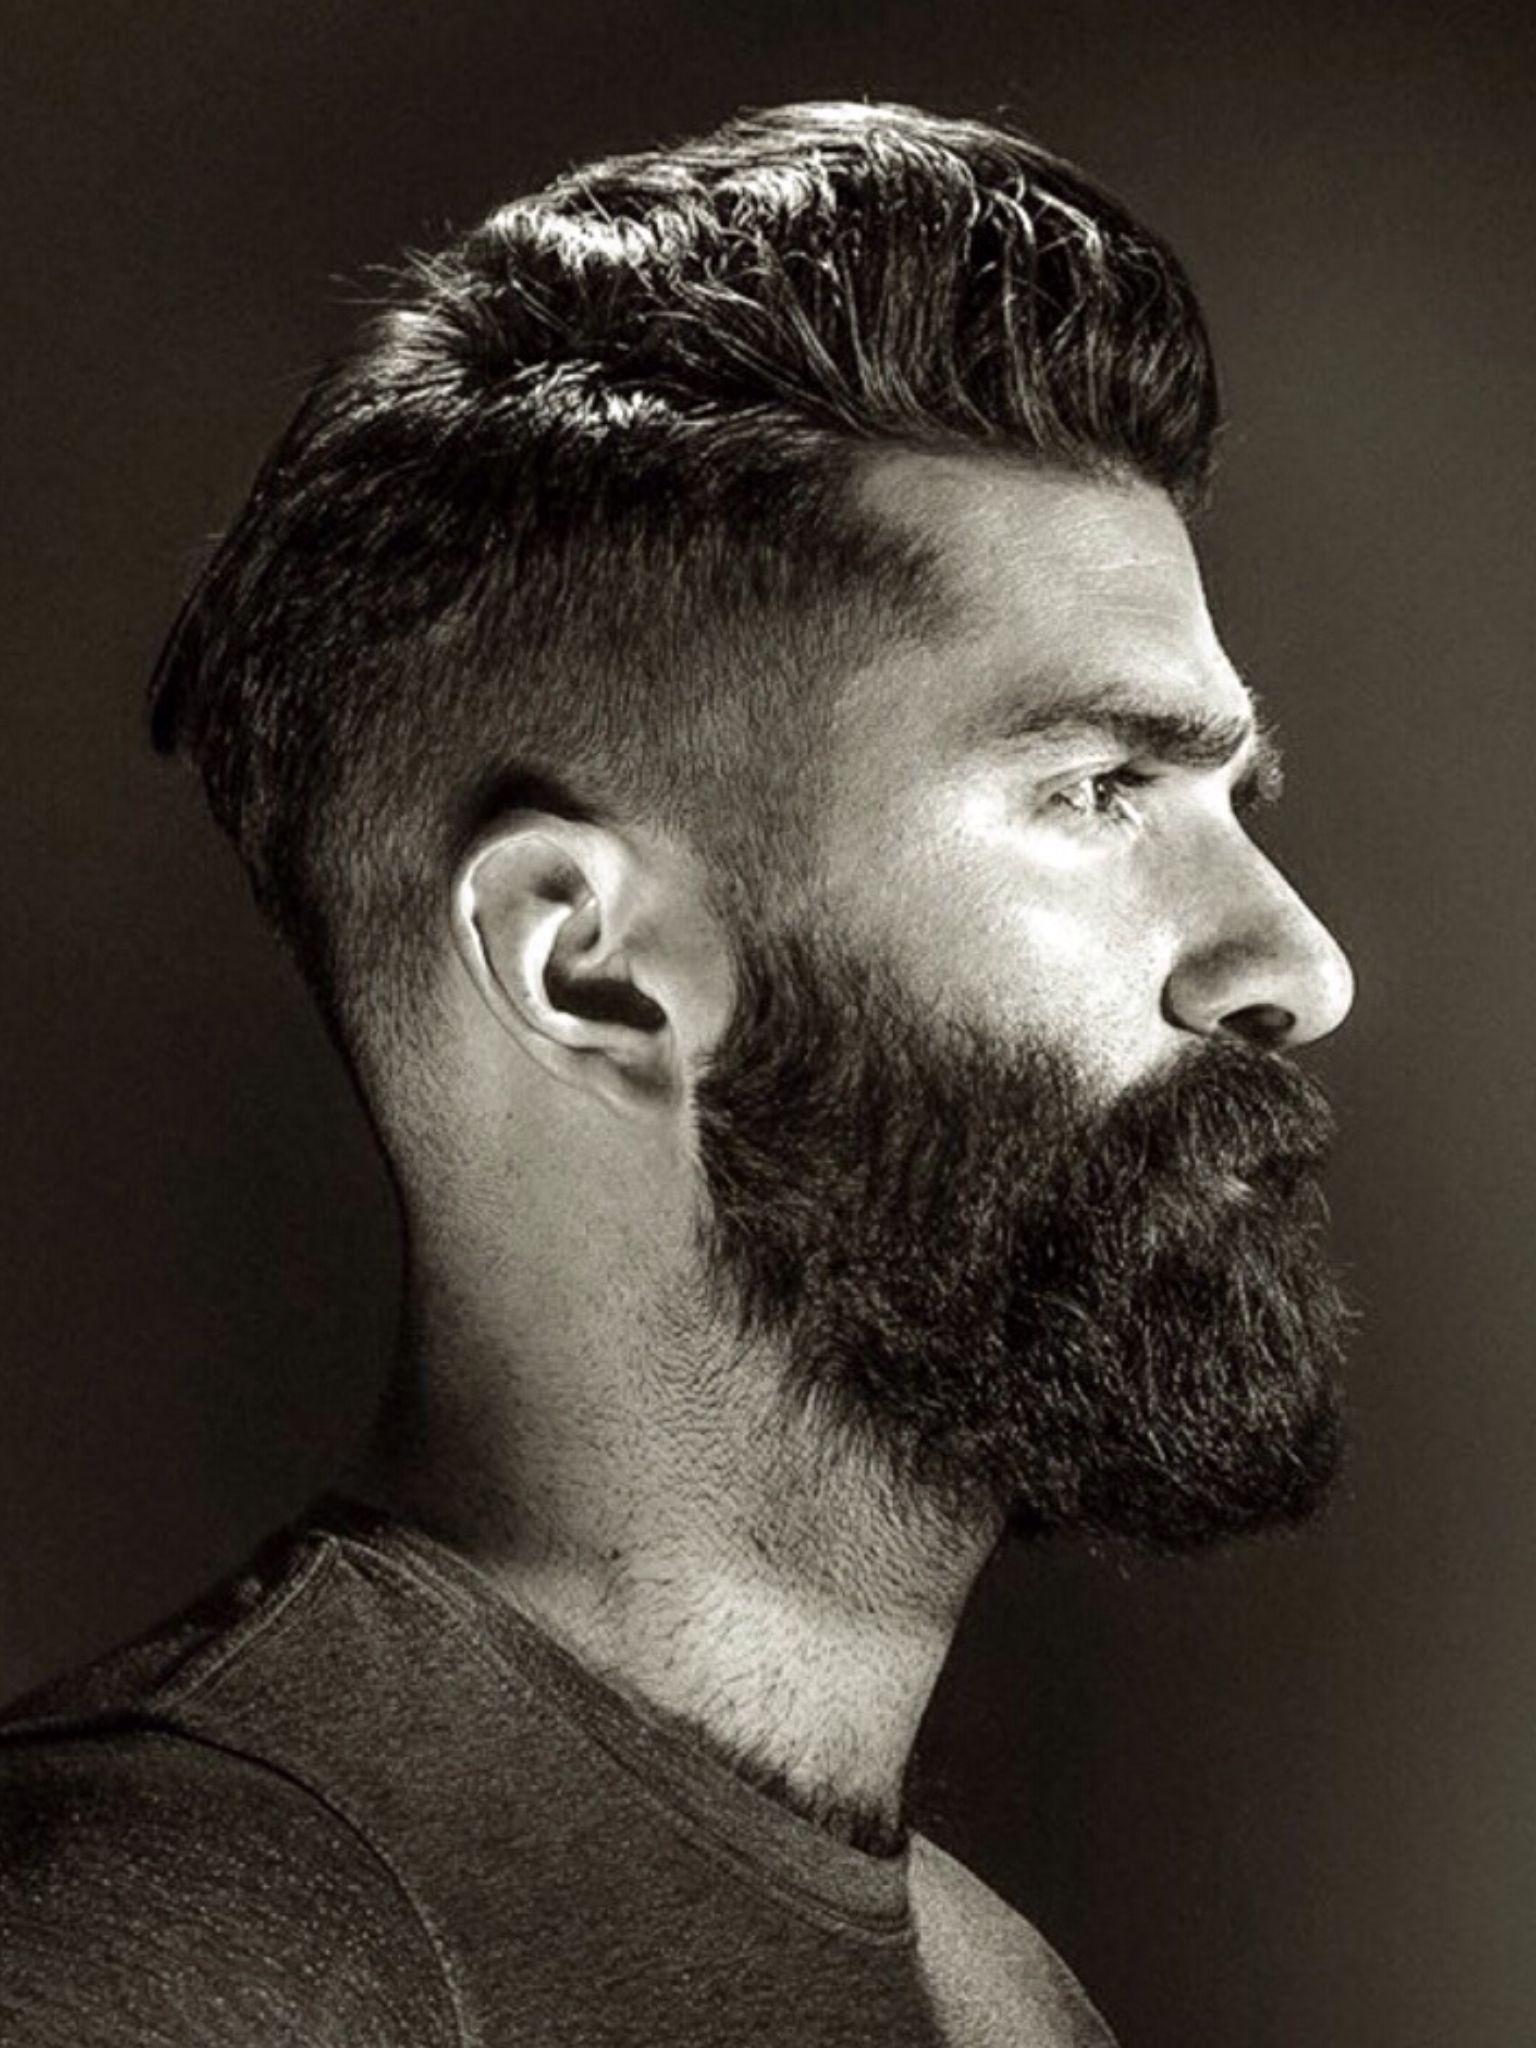 Pin On Hairy Men Neck Beard